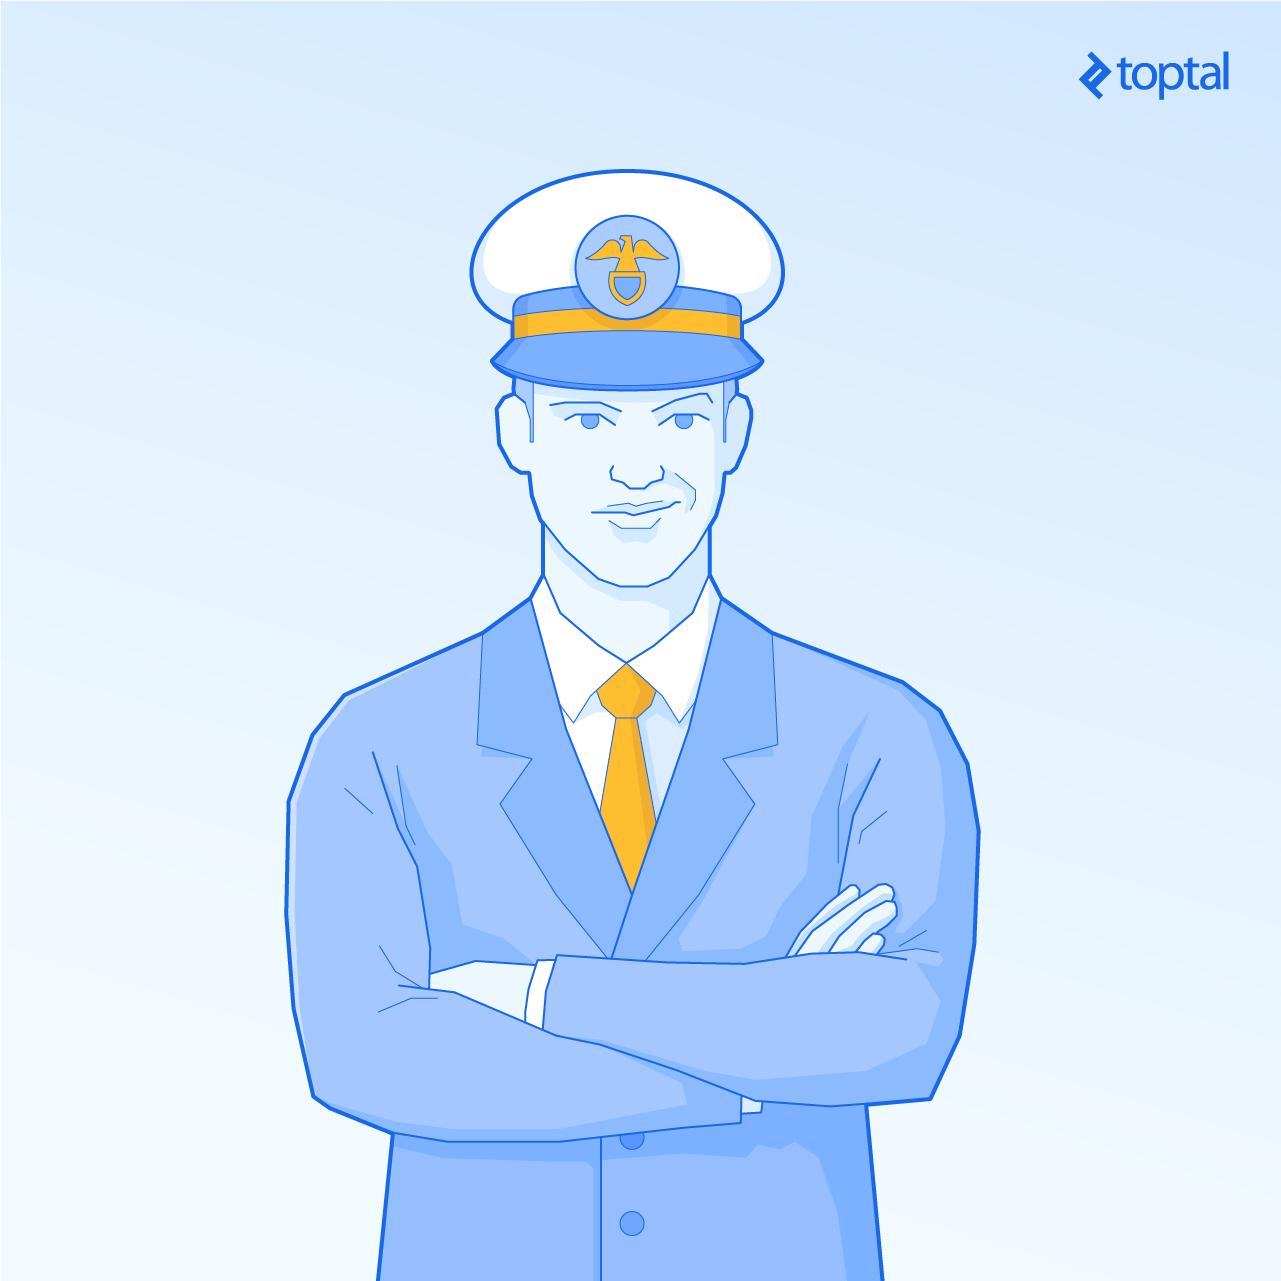 Gestión del ego de clientes que tienen grandes egos